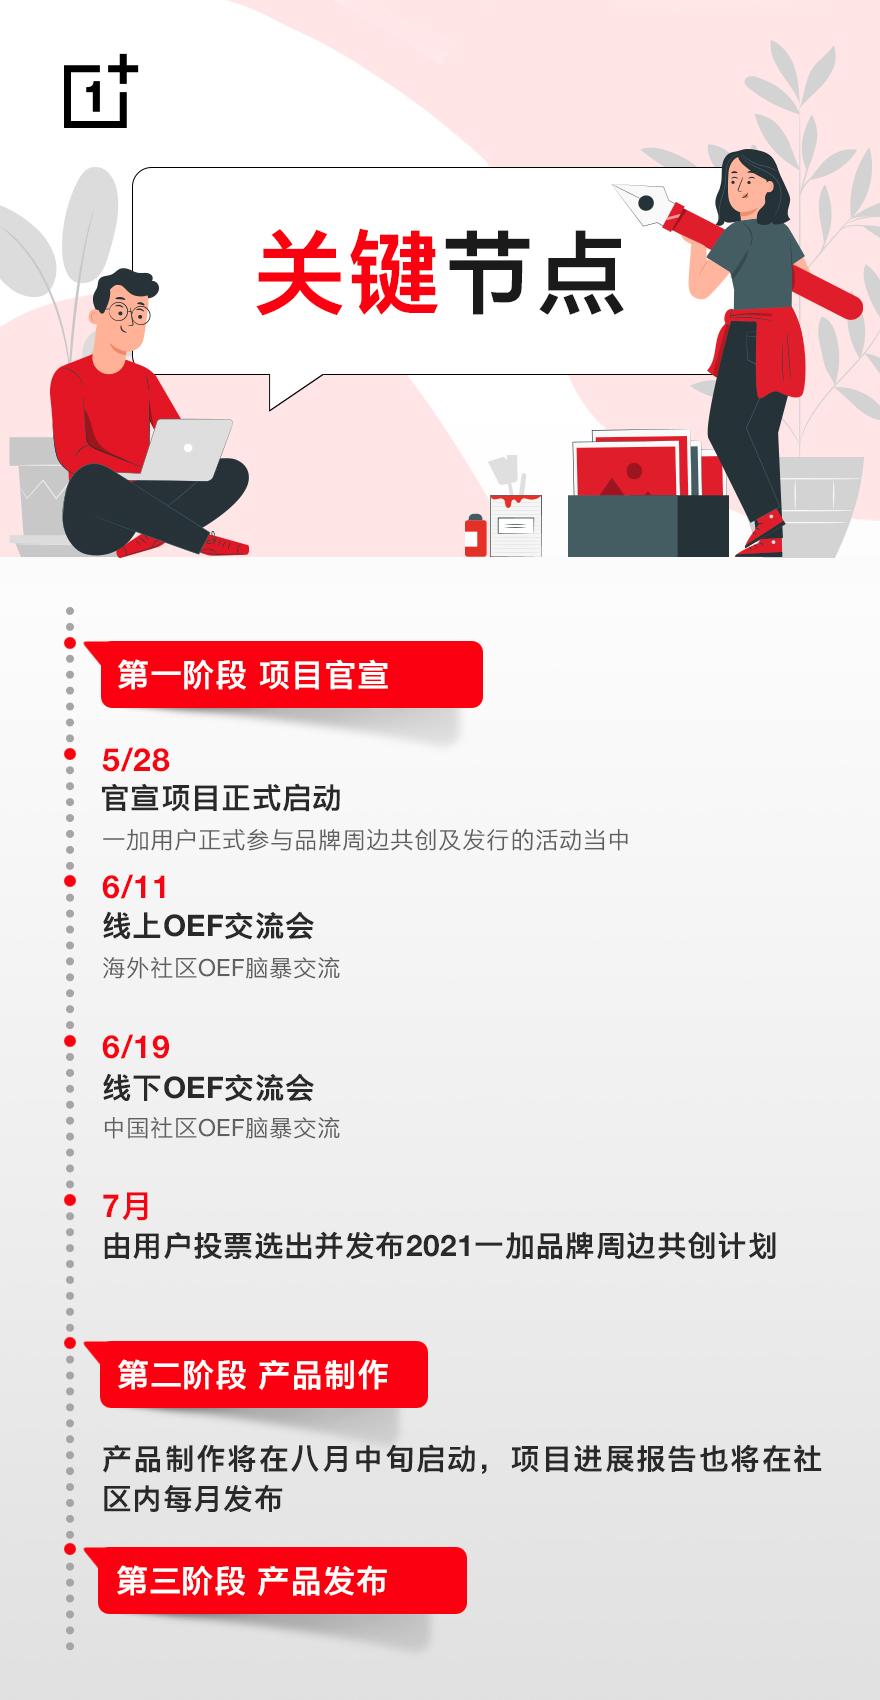 中文长图_时间节点.jpg